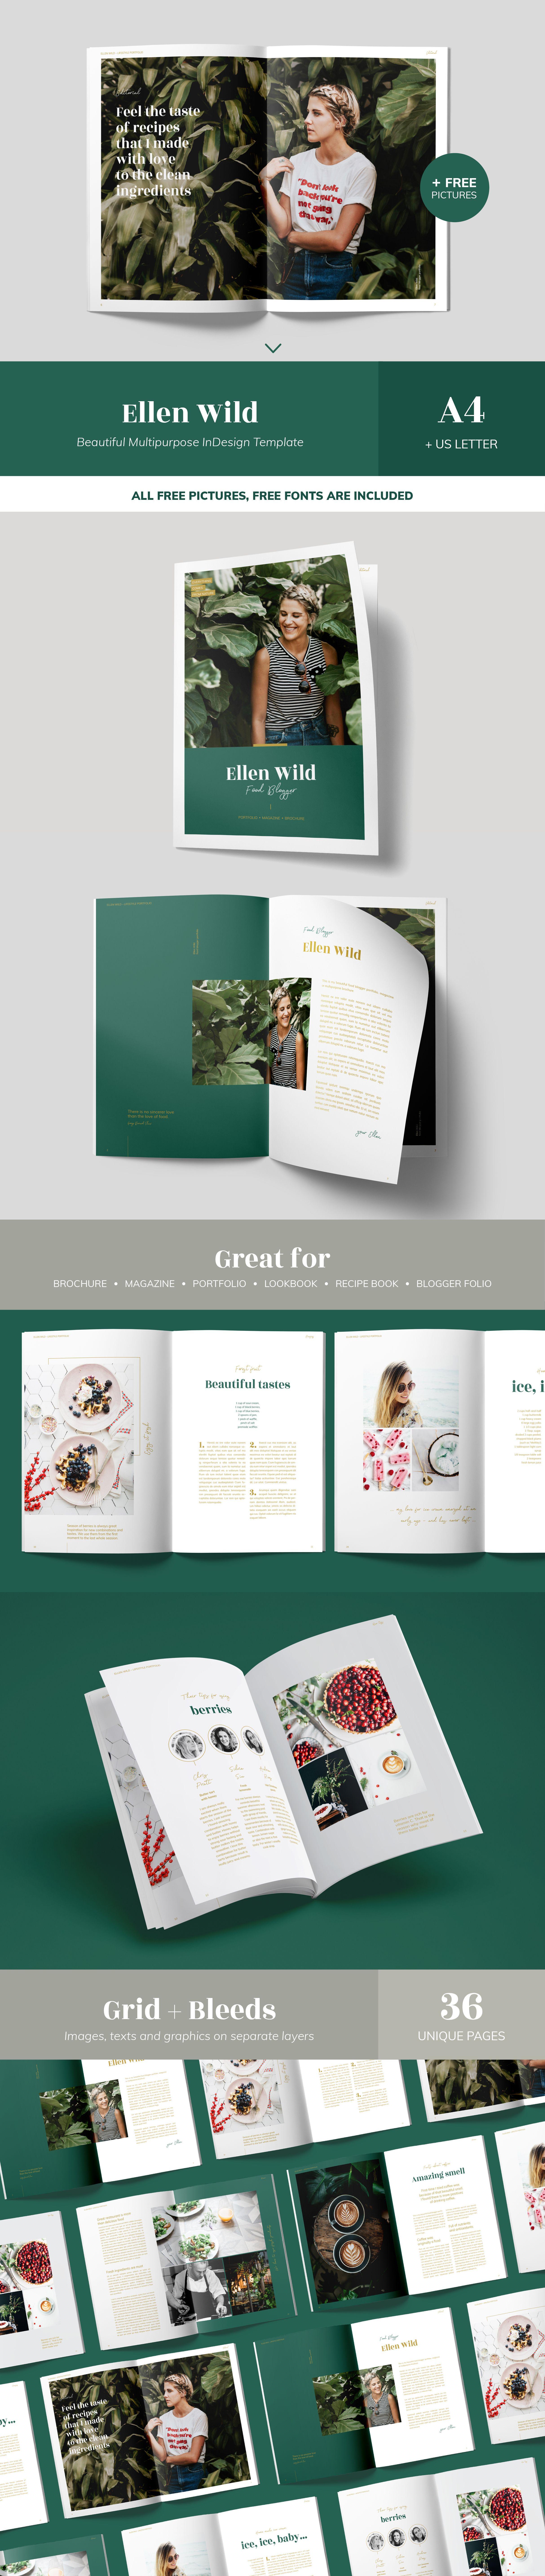 Ellen Wild Magazine Template Indesign Templates Brochures And